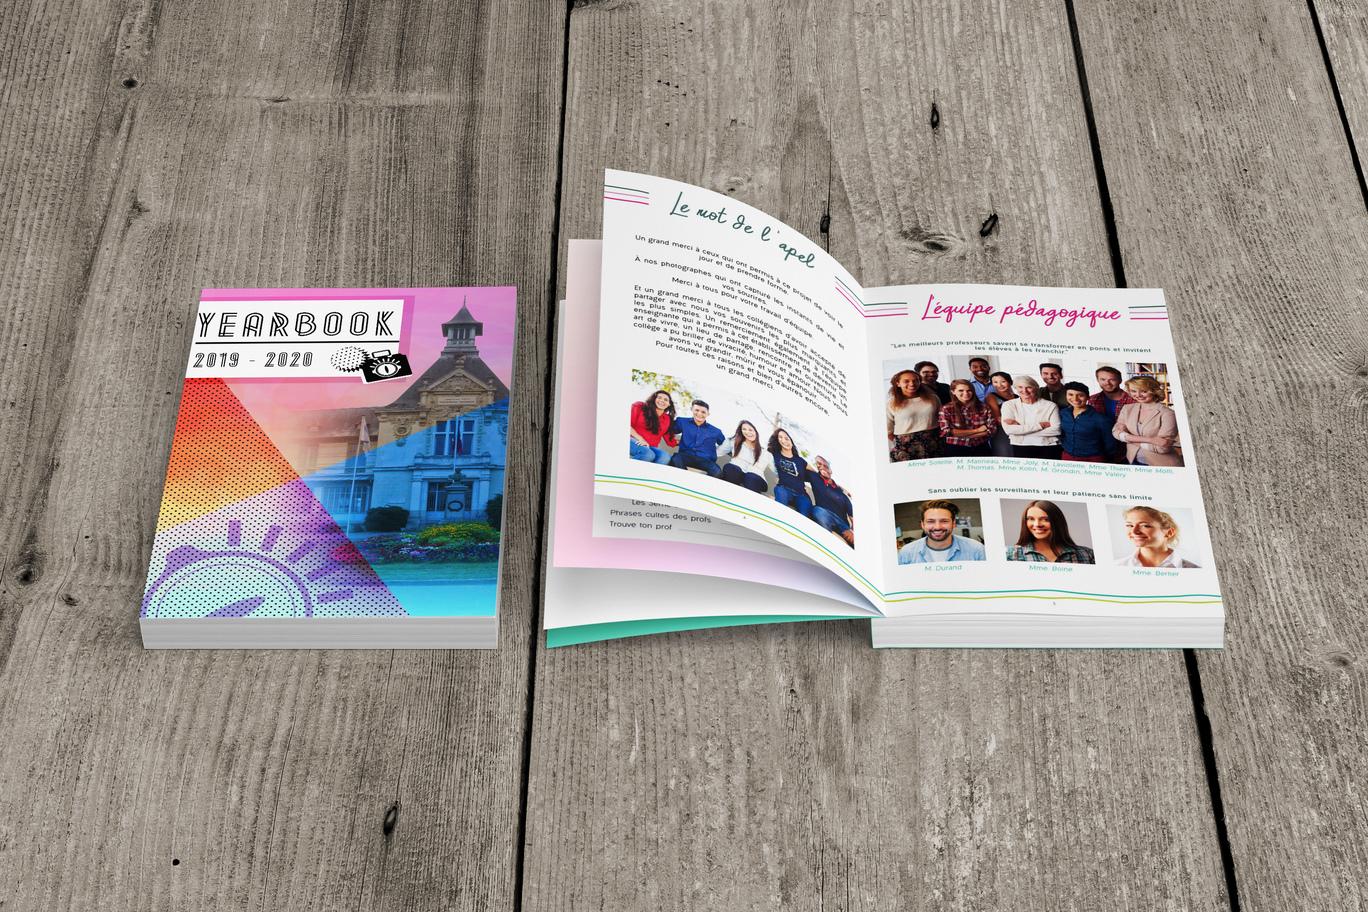 yearbook photo equipe pedagogique